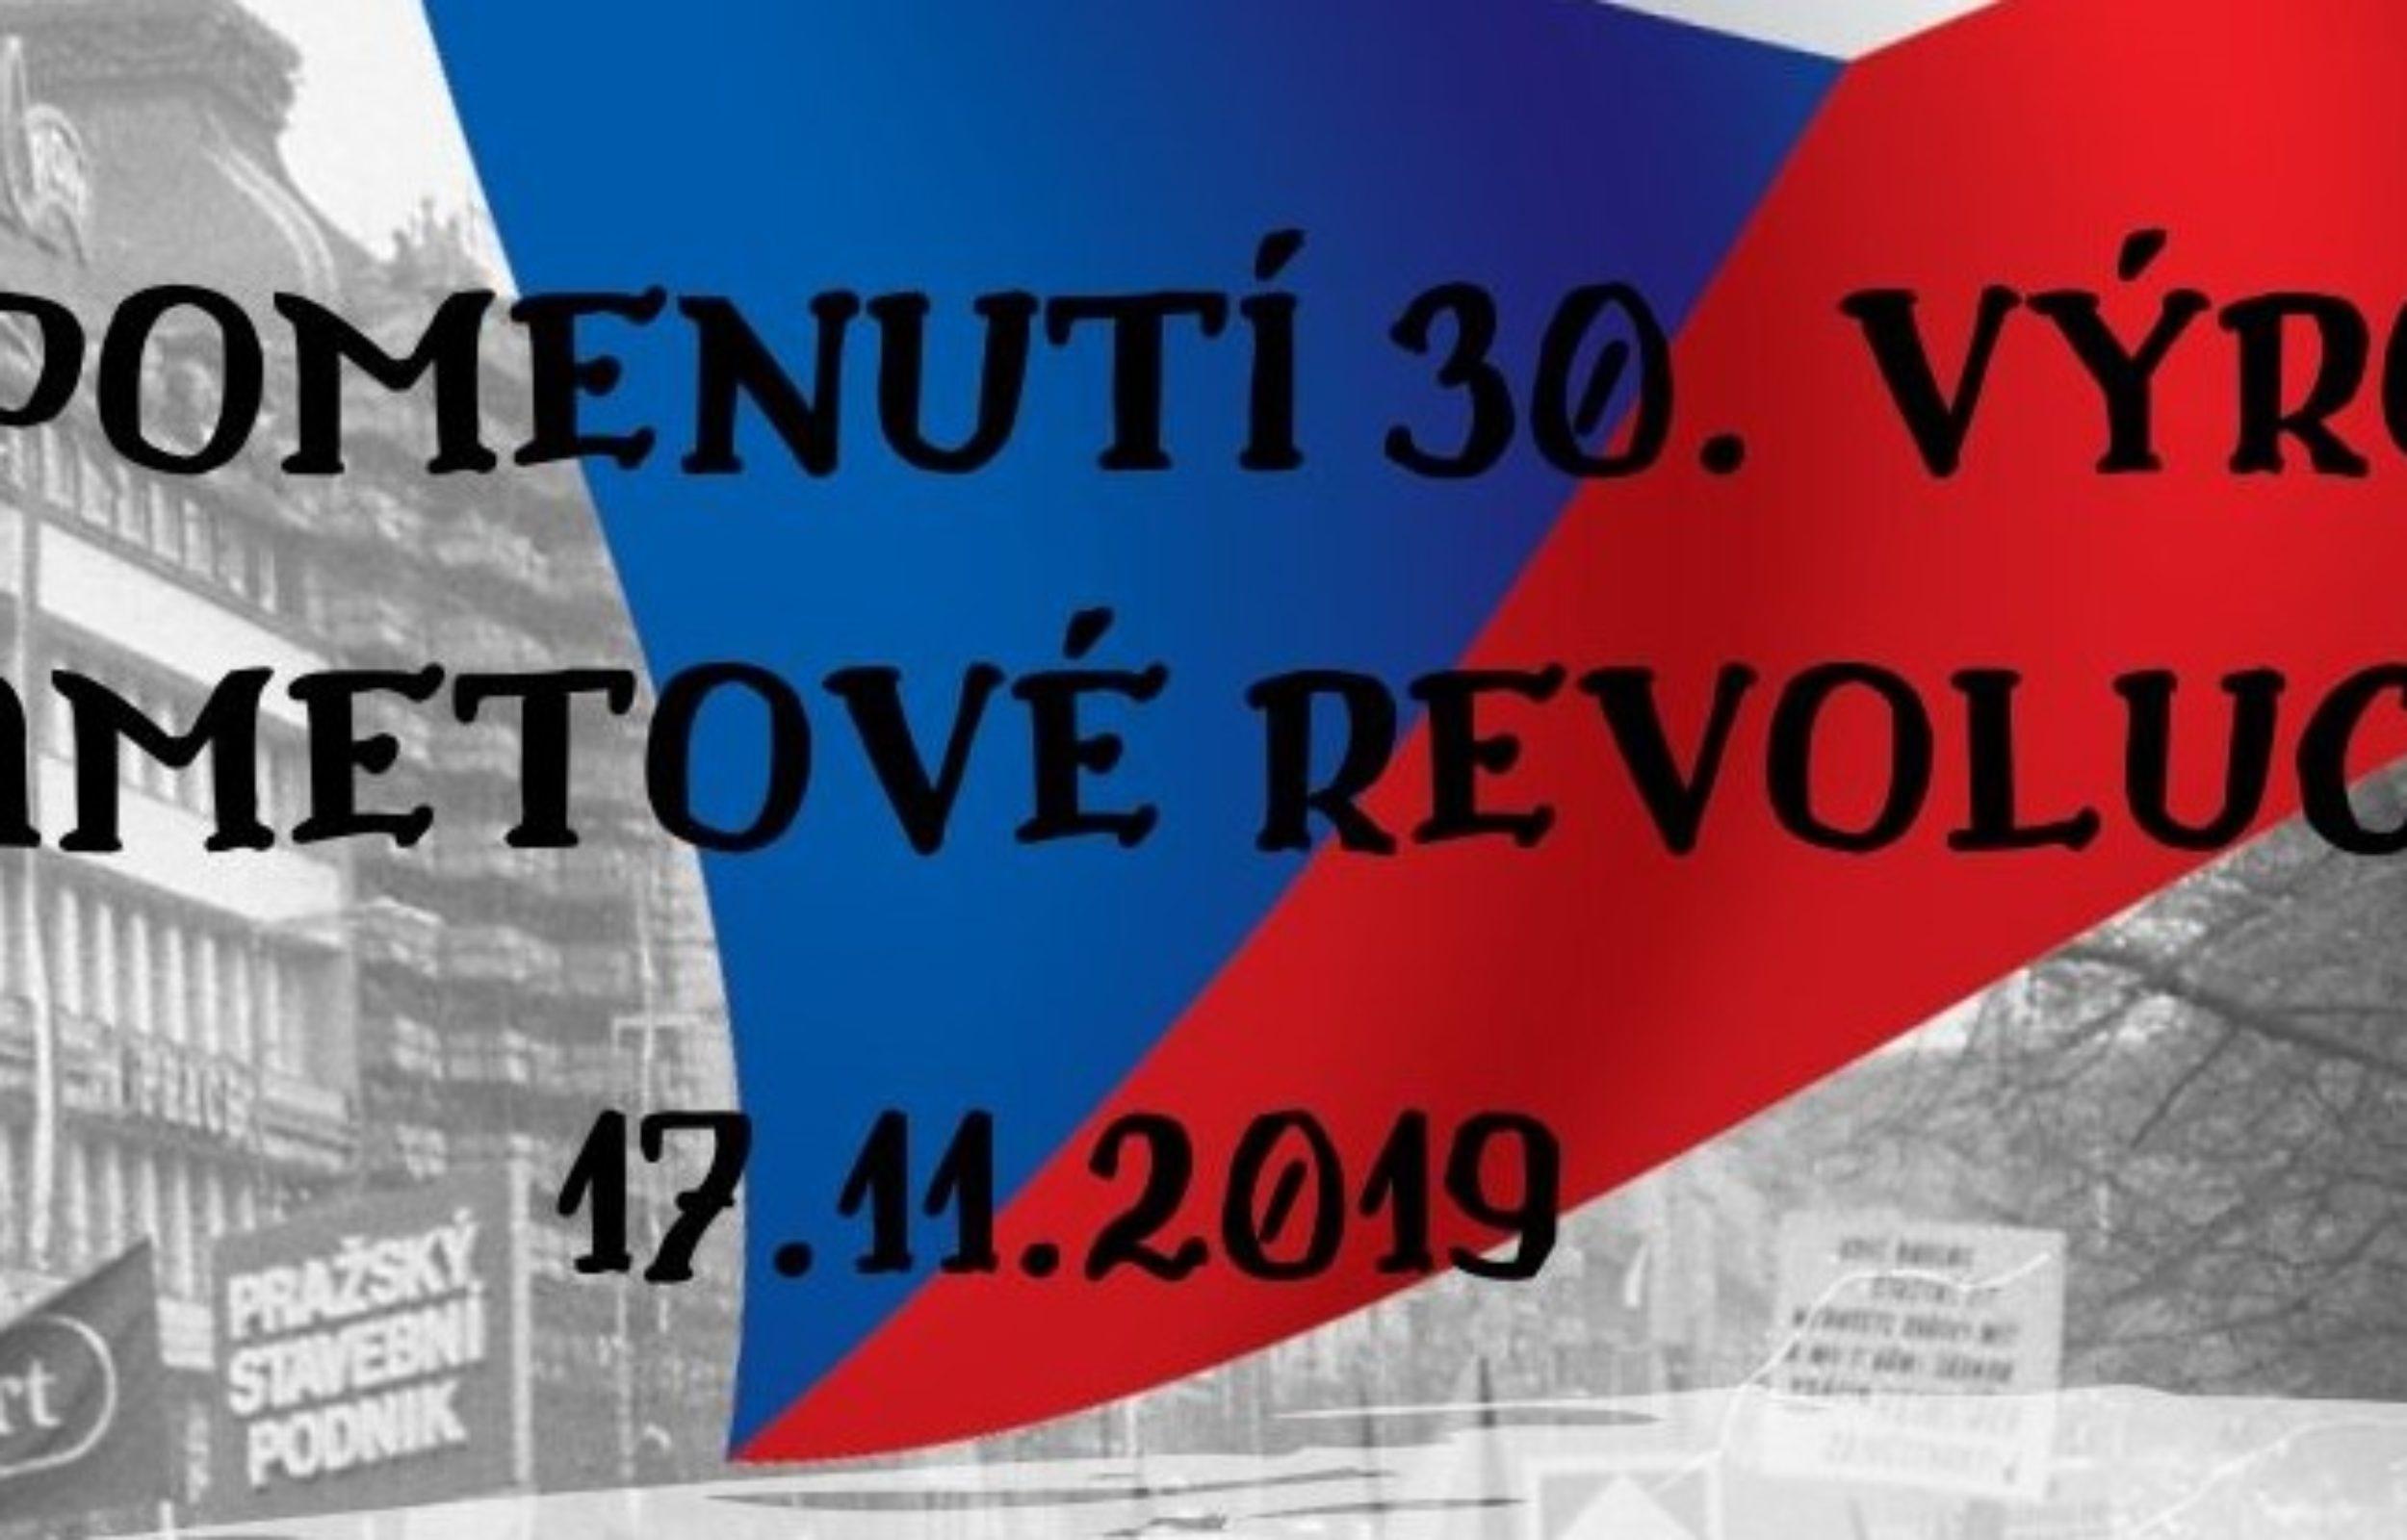 Sametové výročí oslaví Slovácko street artem, koncerty či výstavami